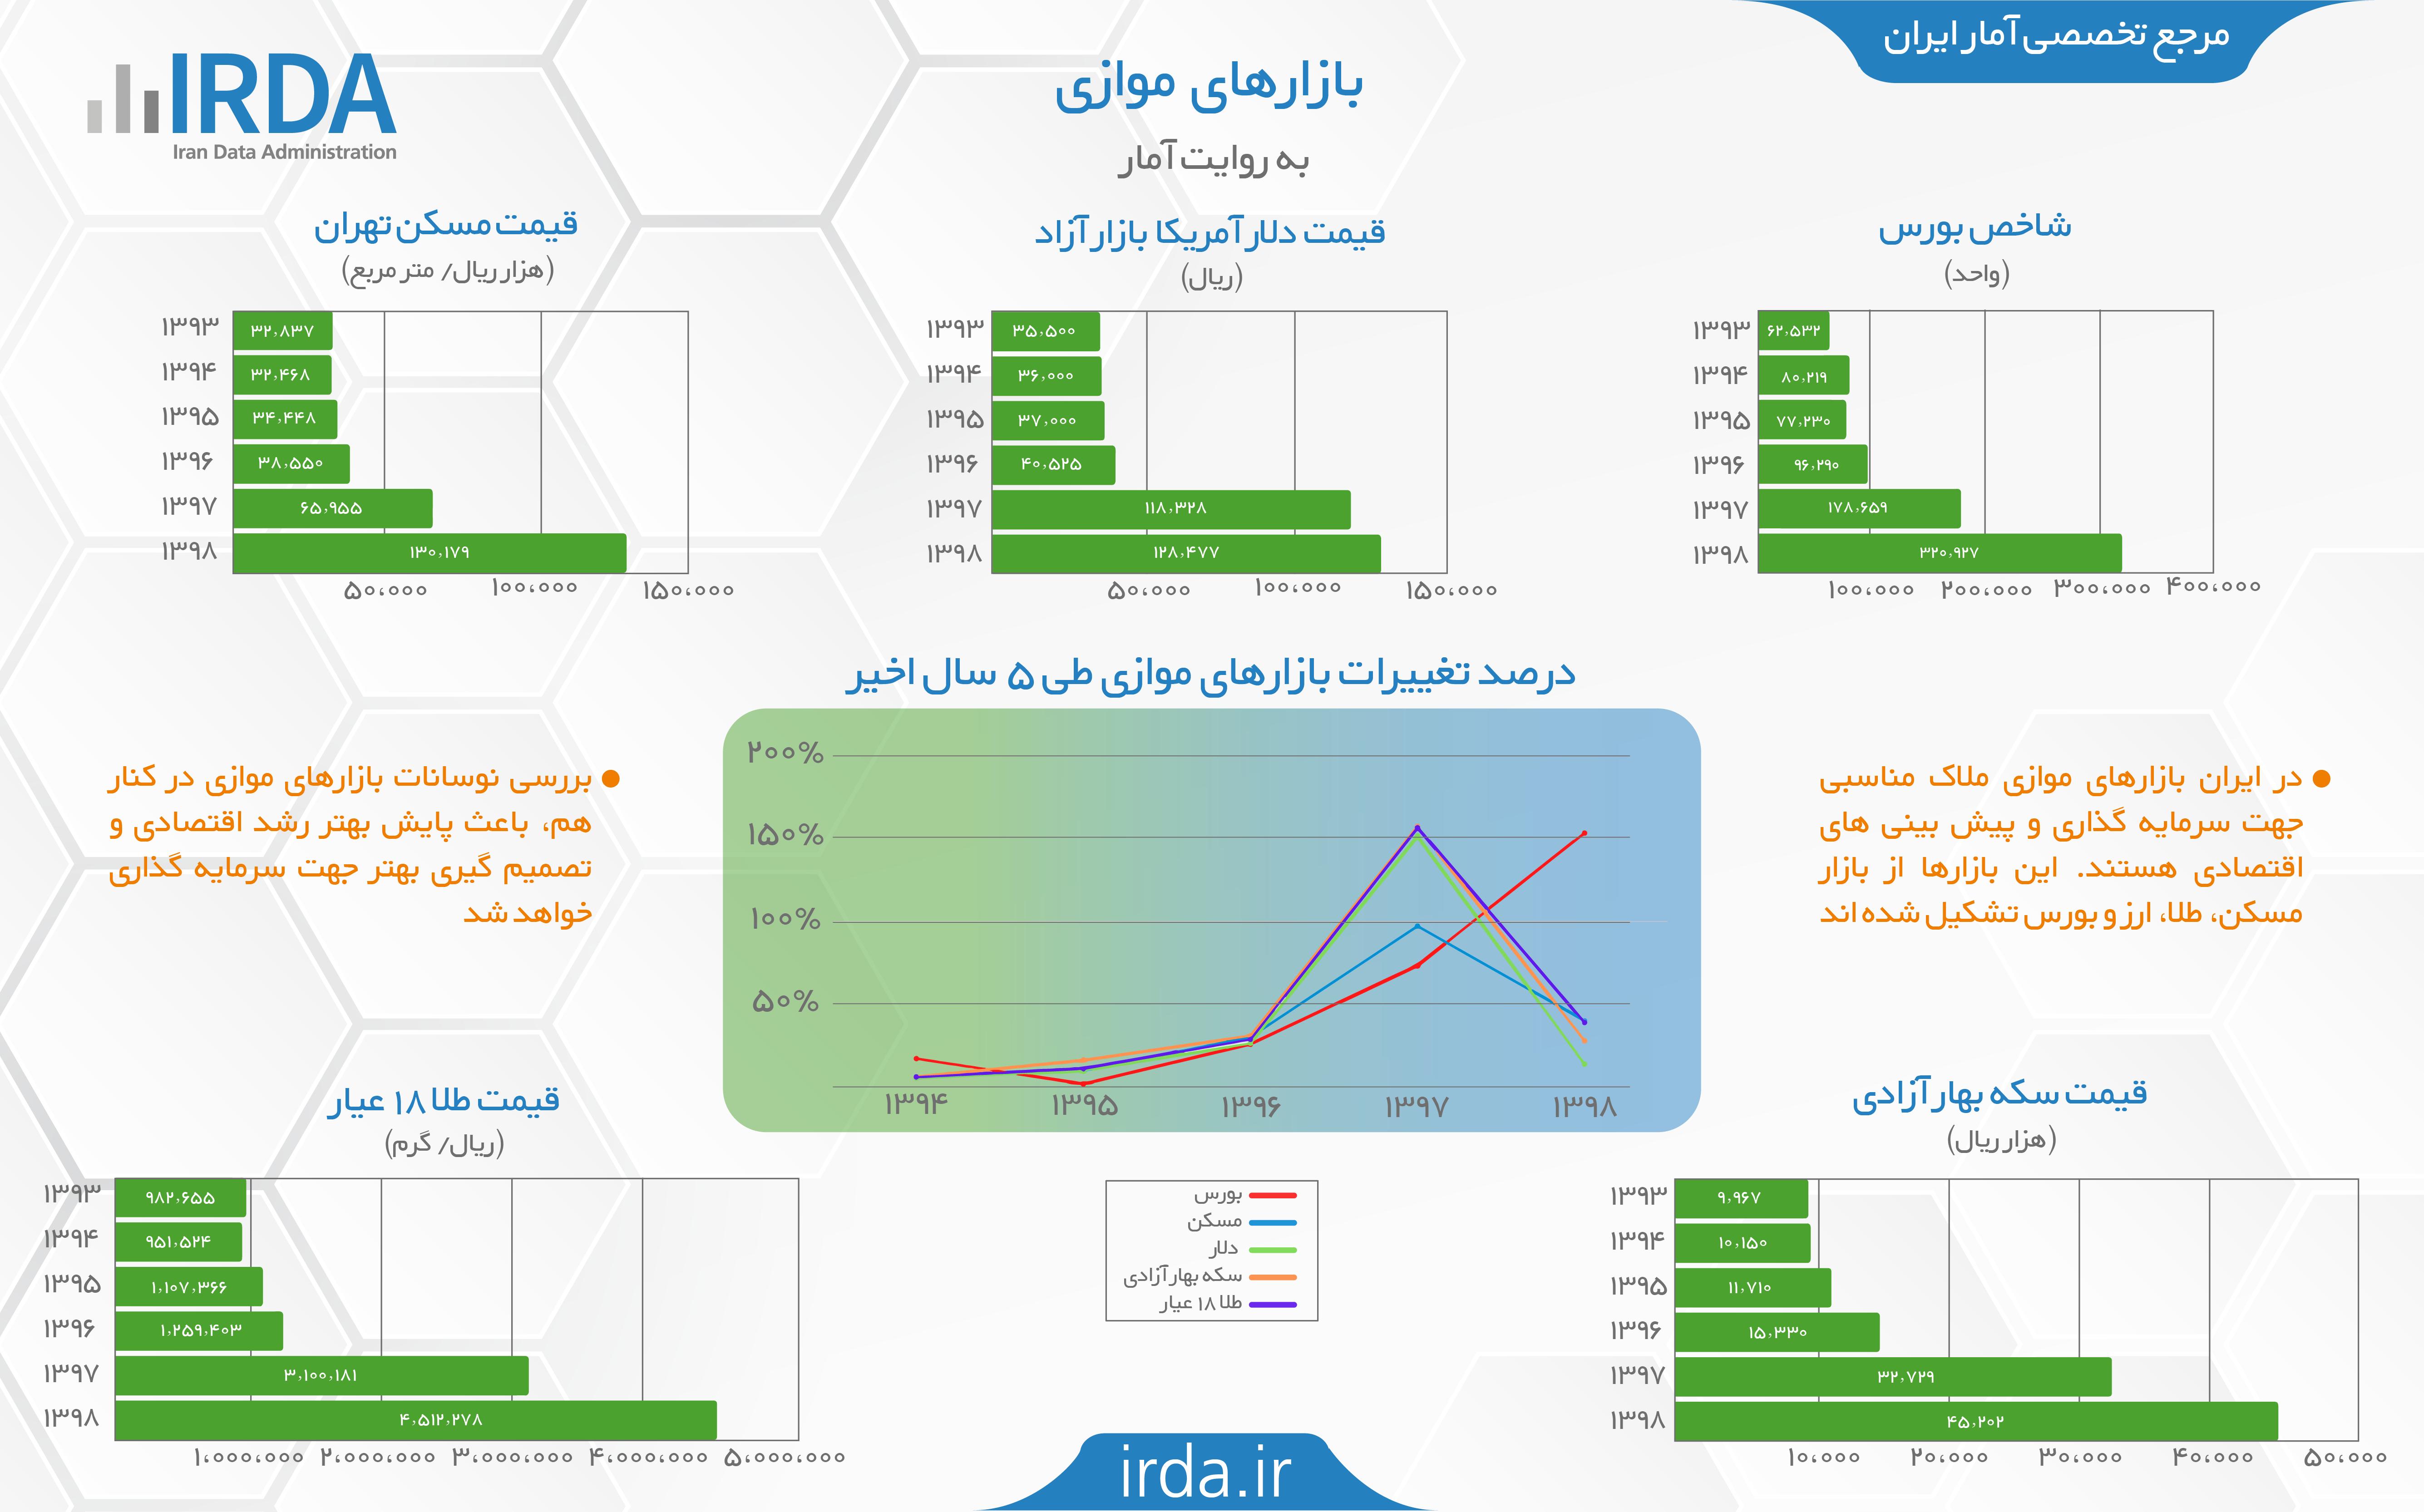 بازارهای موازی به روایت آمار